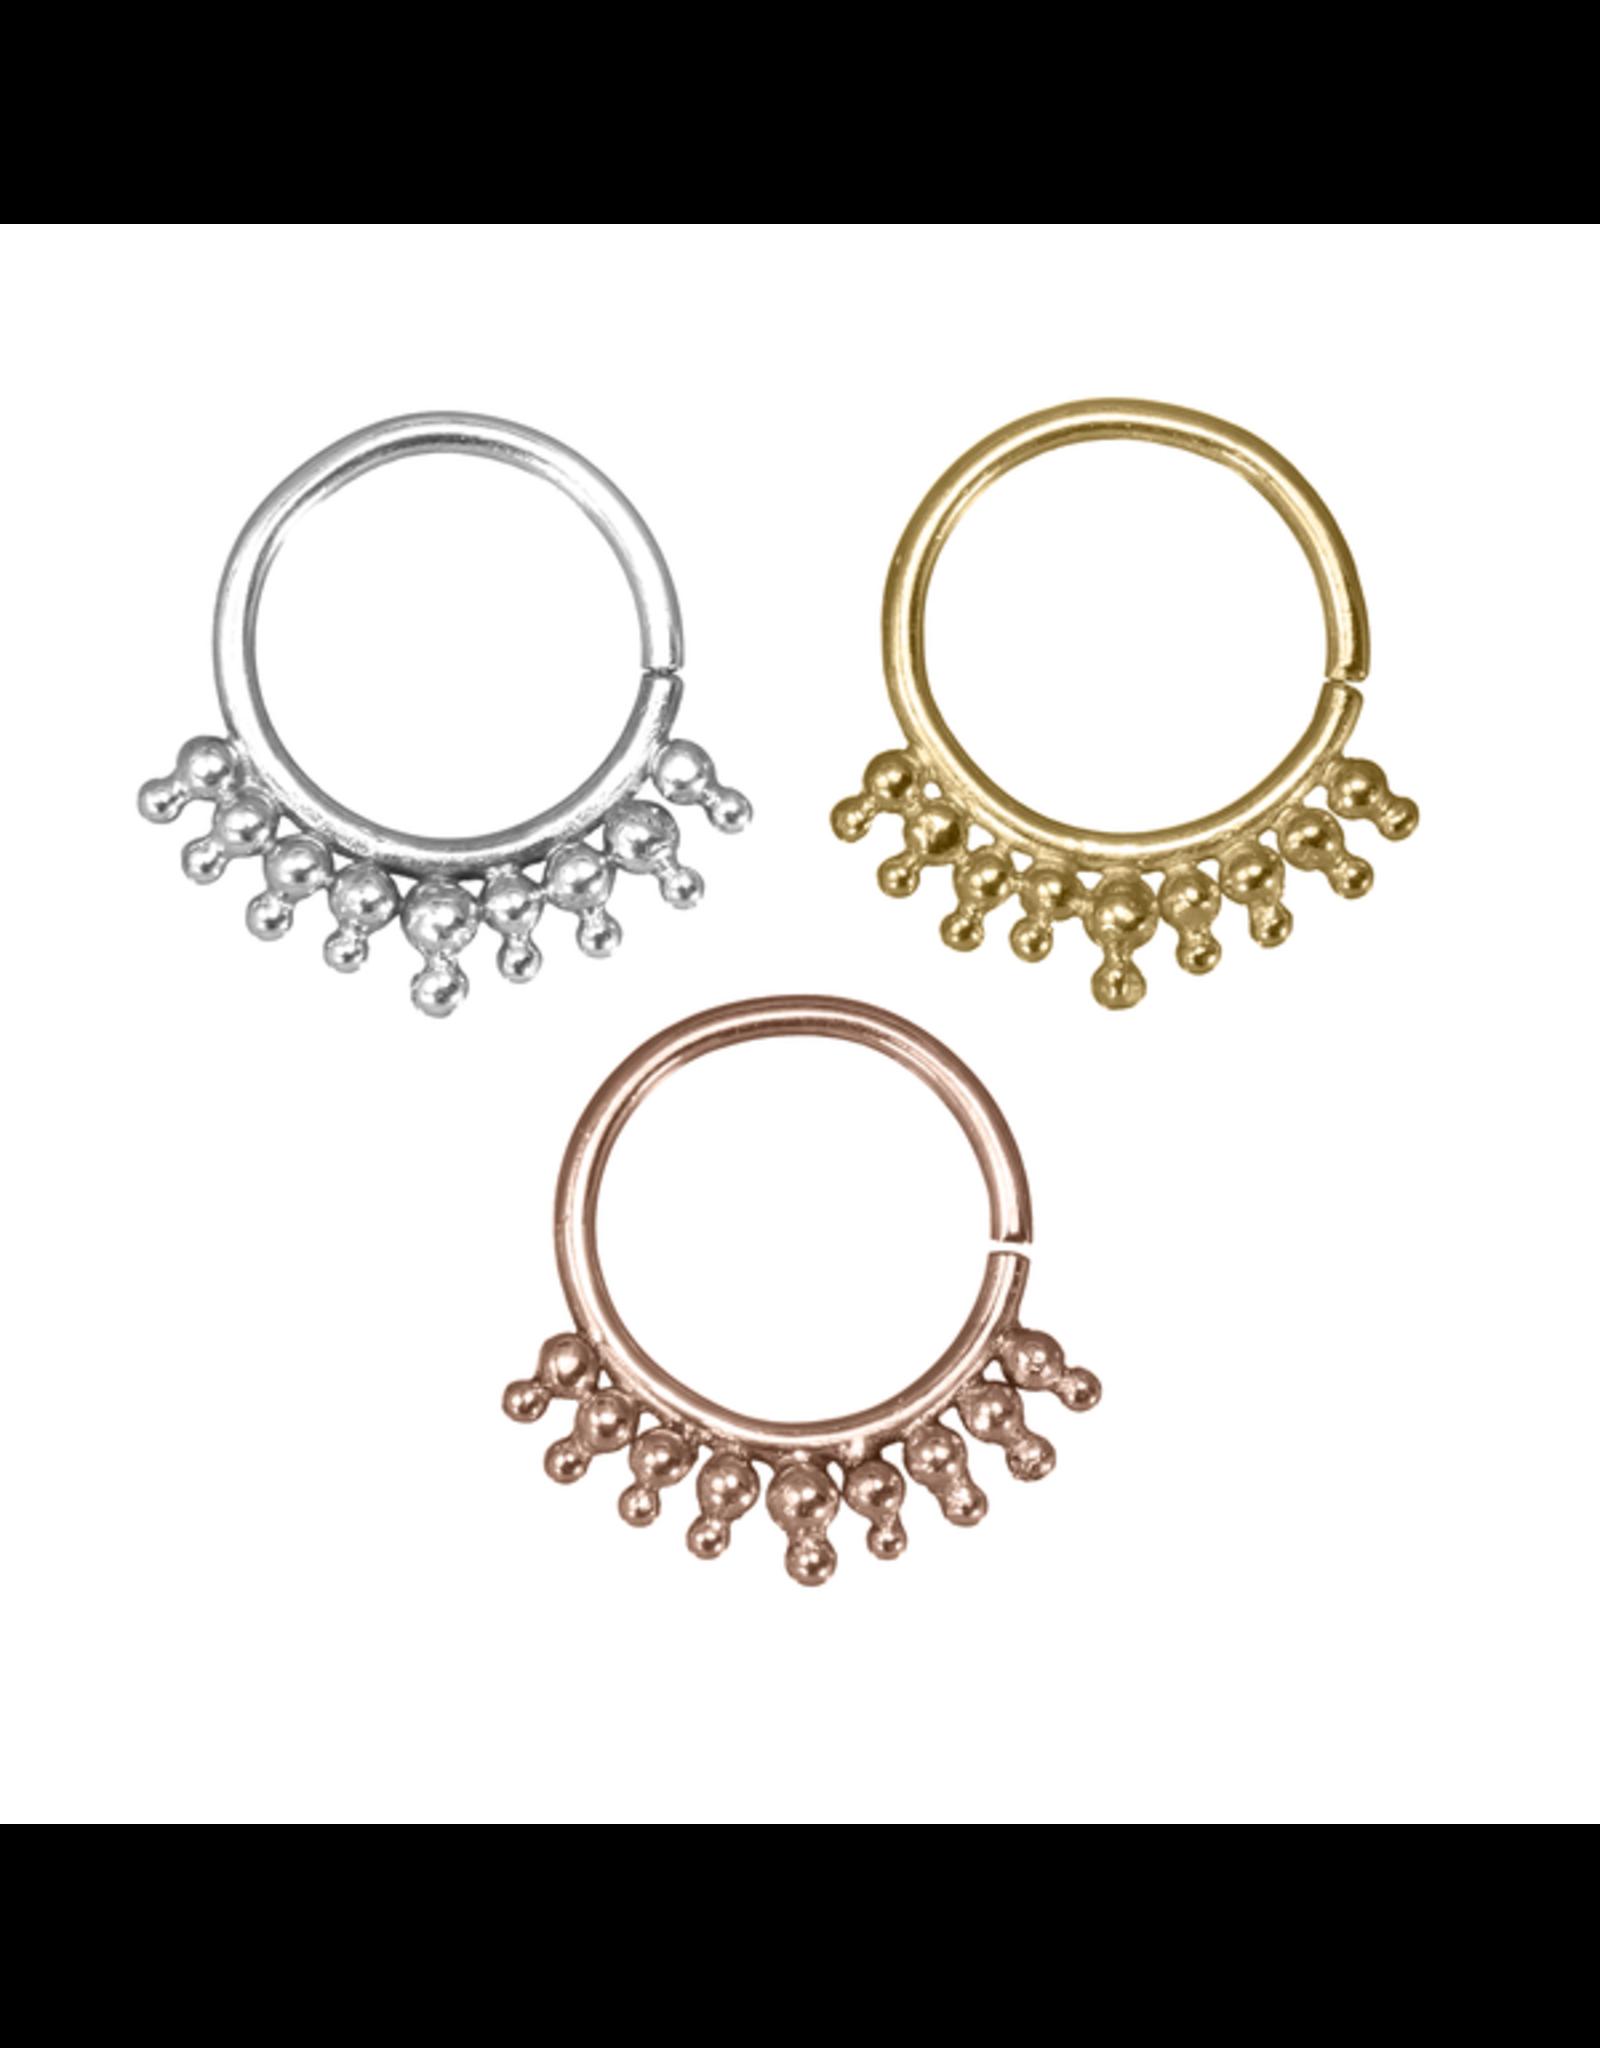 """Buddha Jewelry Organics Buddha Jewelry Organics 16g 5/16 """"Cora"""" seam ring"""